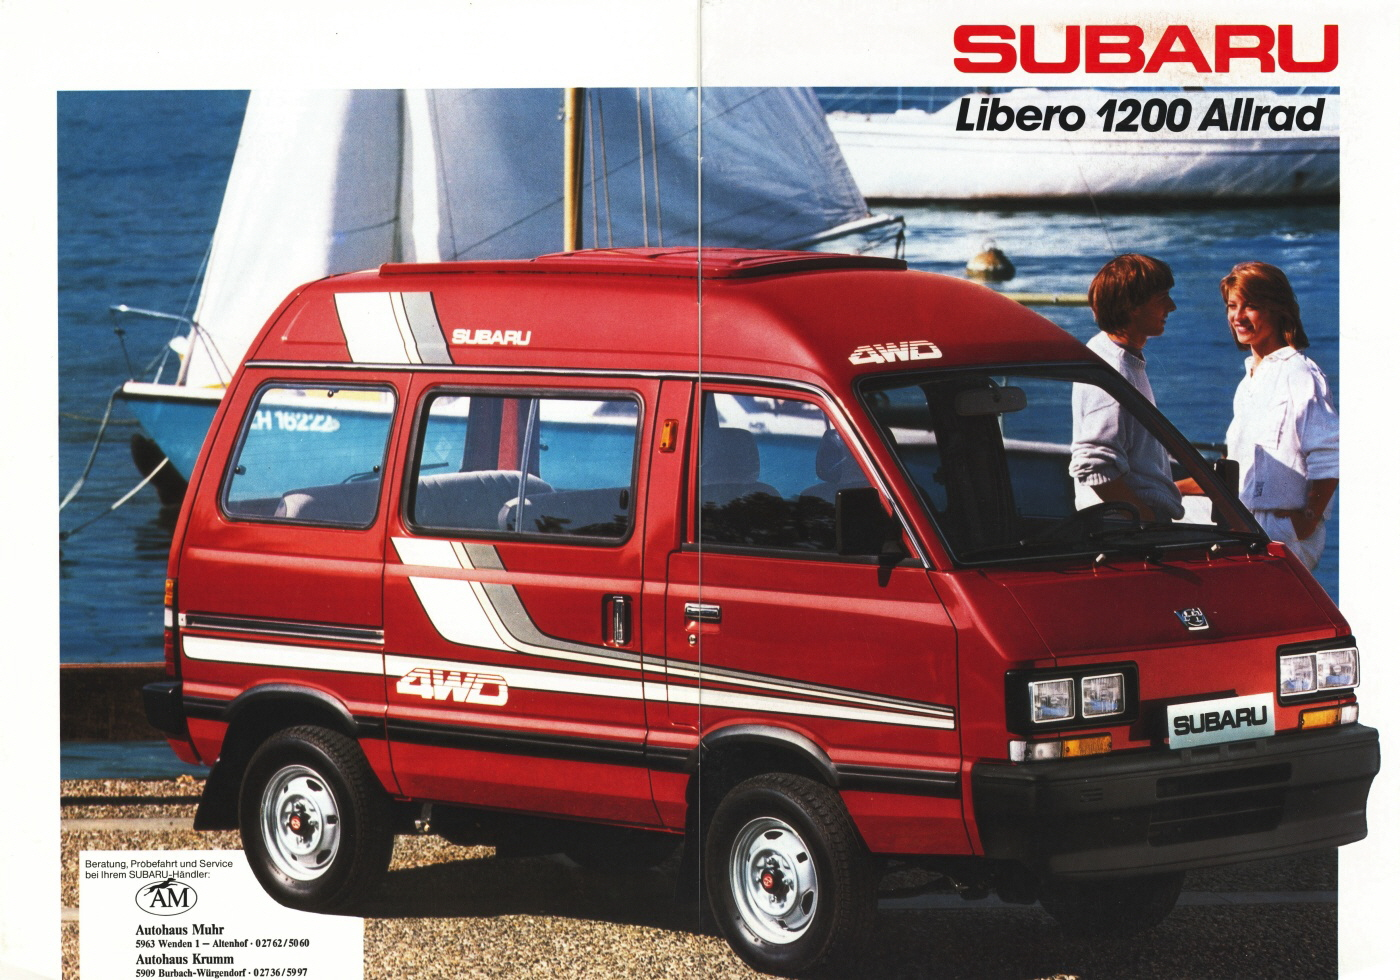 Subaru Libero Bus E10E12 12i 54 Hp